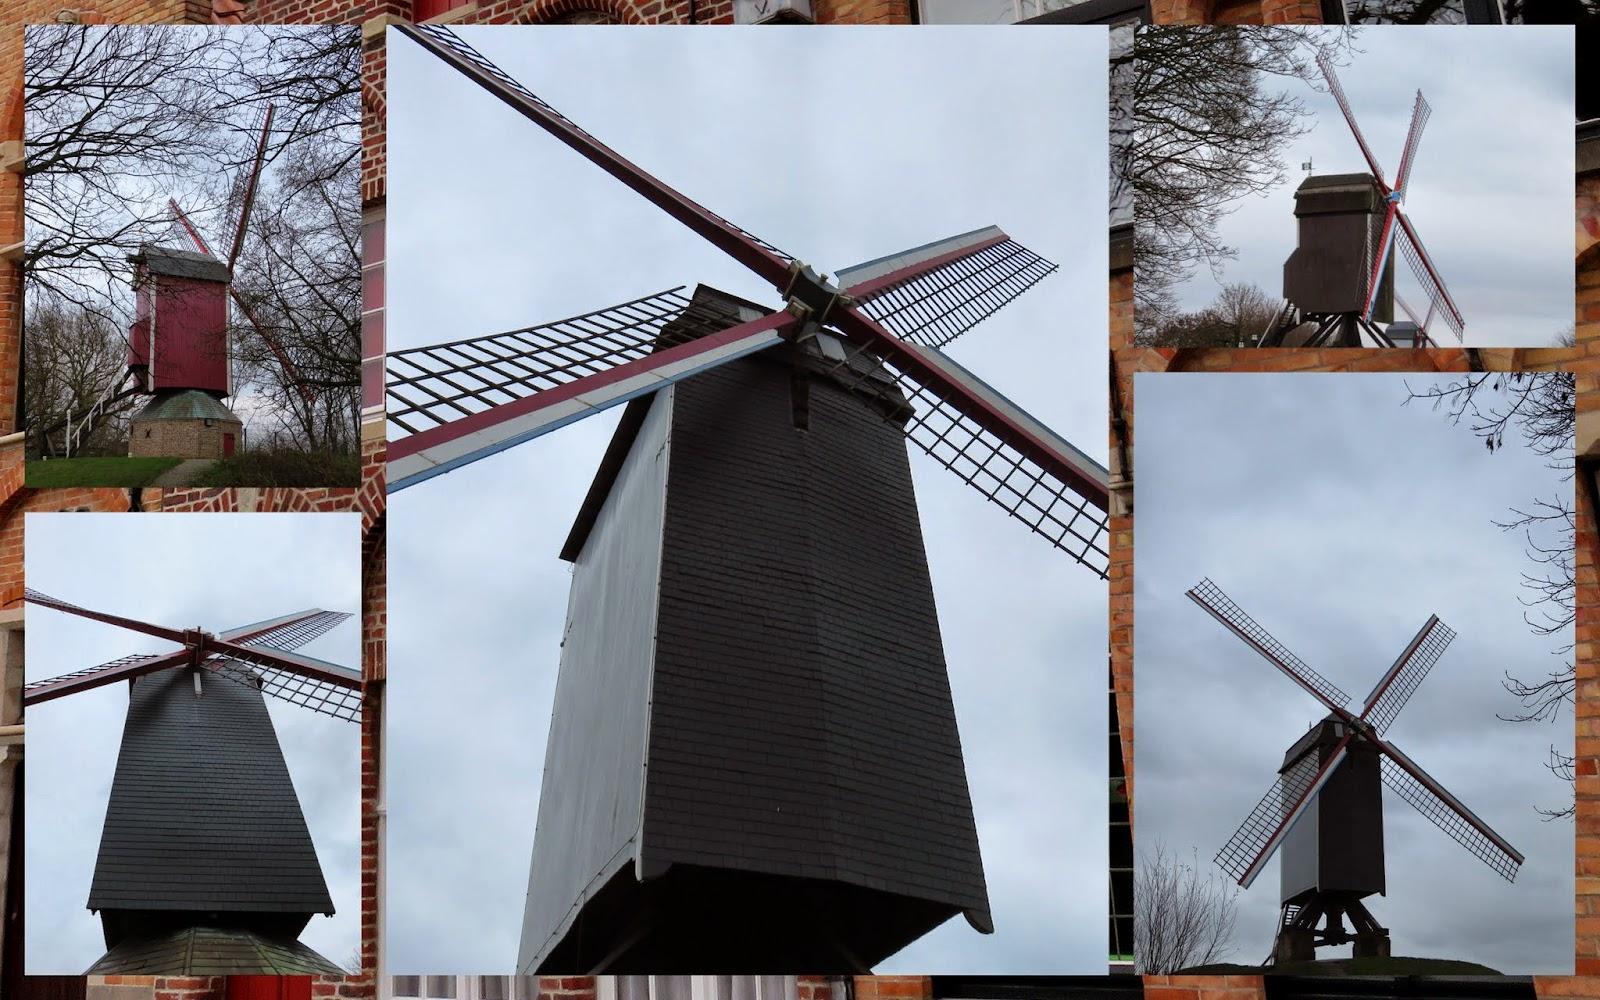 Windmills in Bruges, Belgium